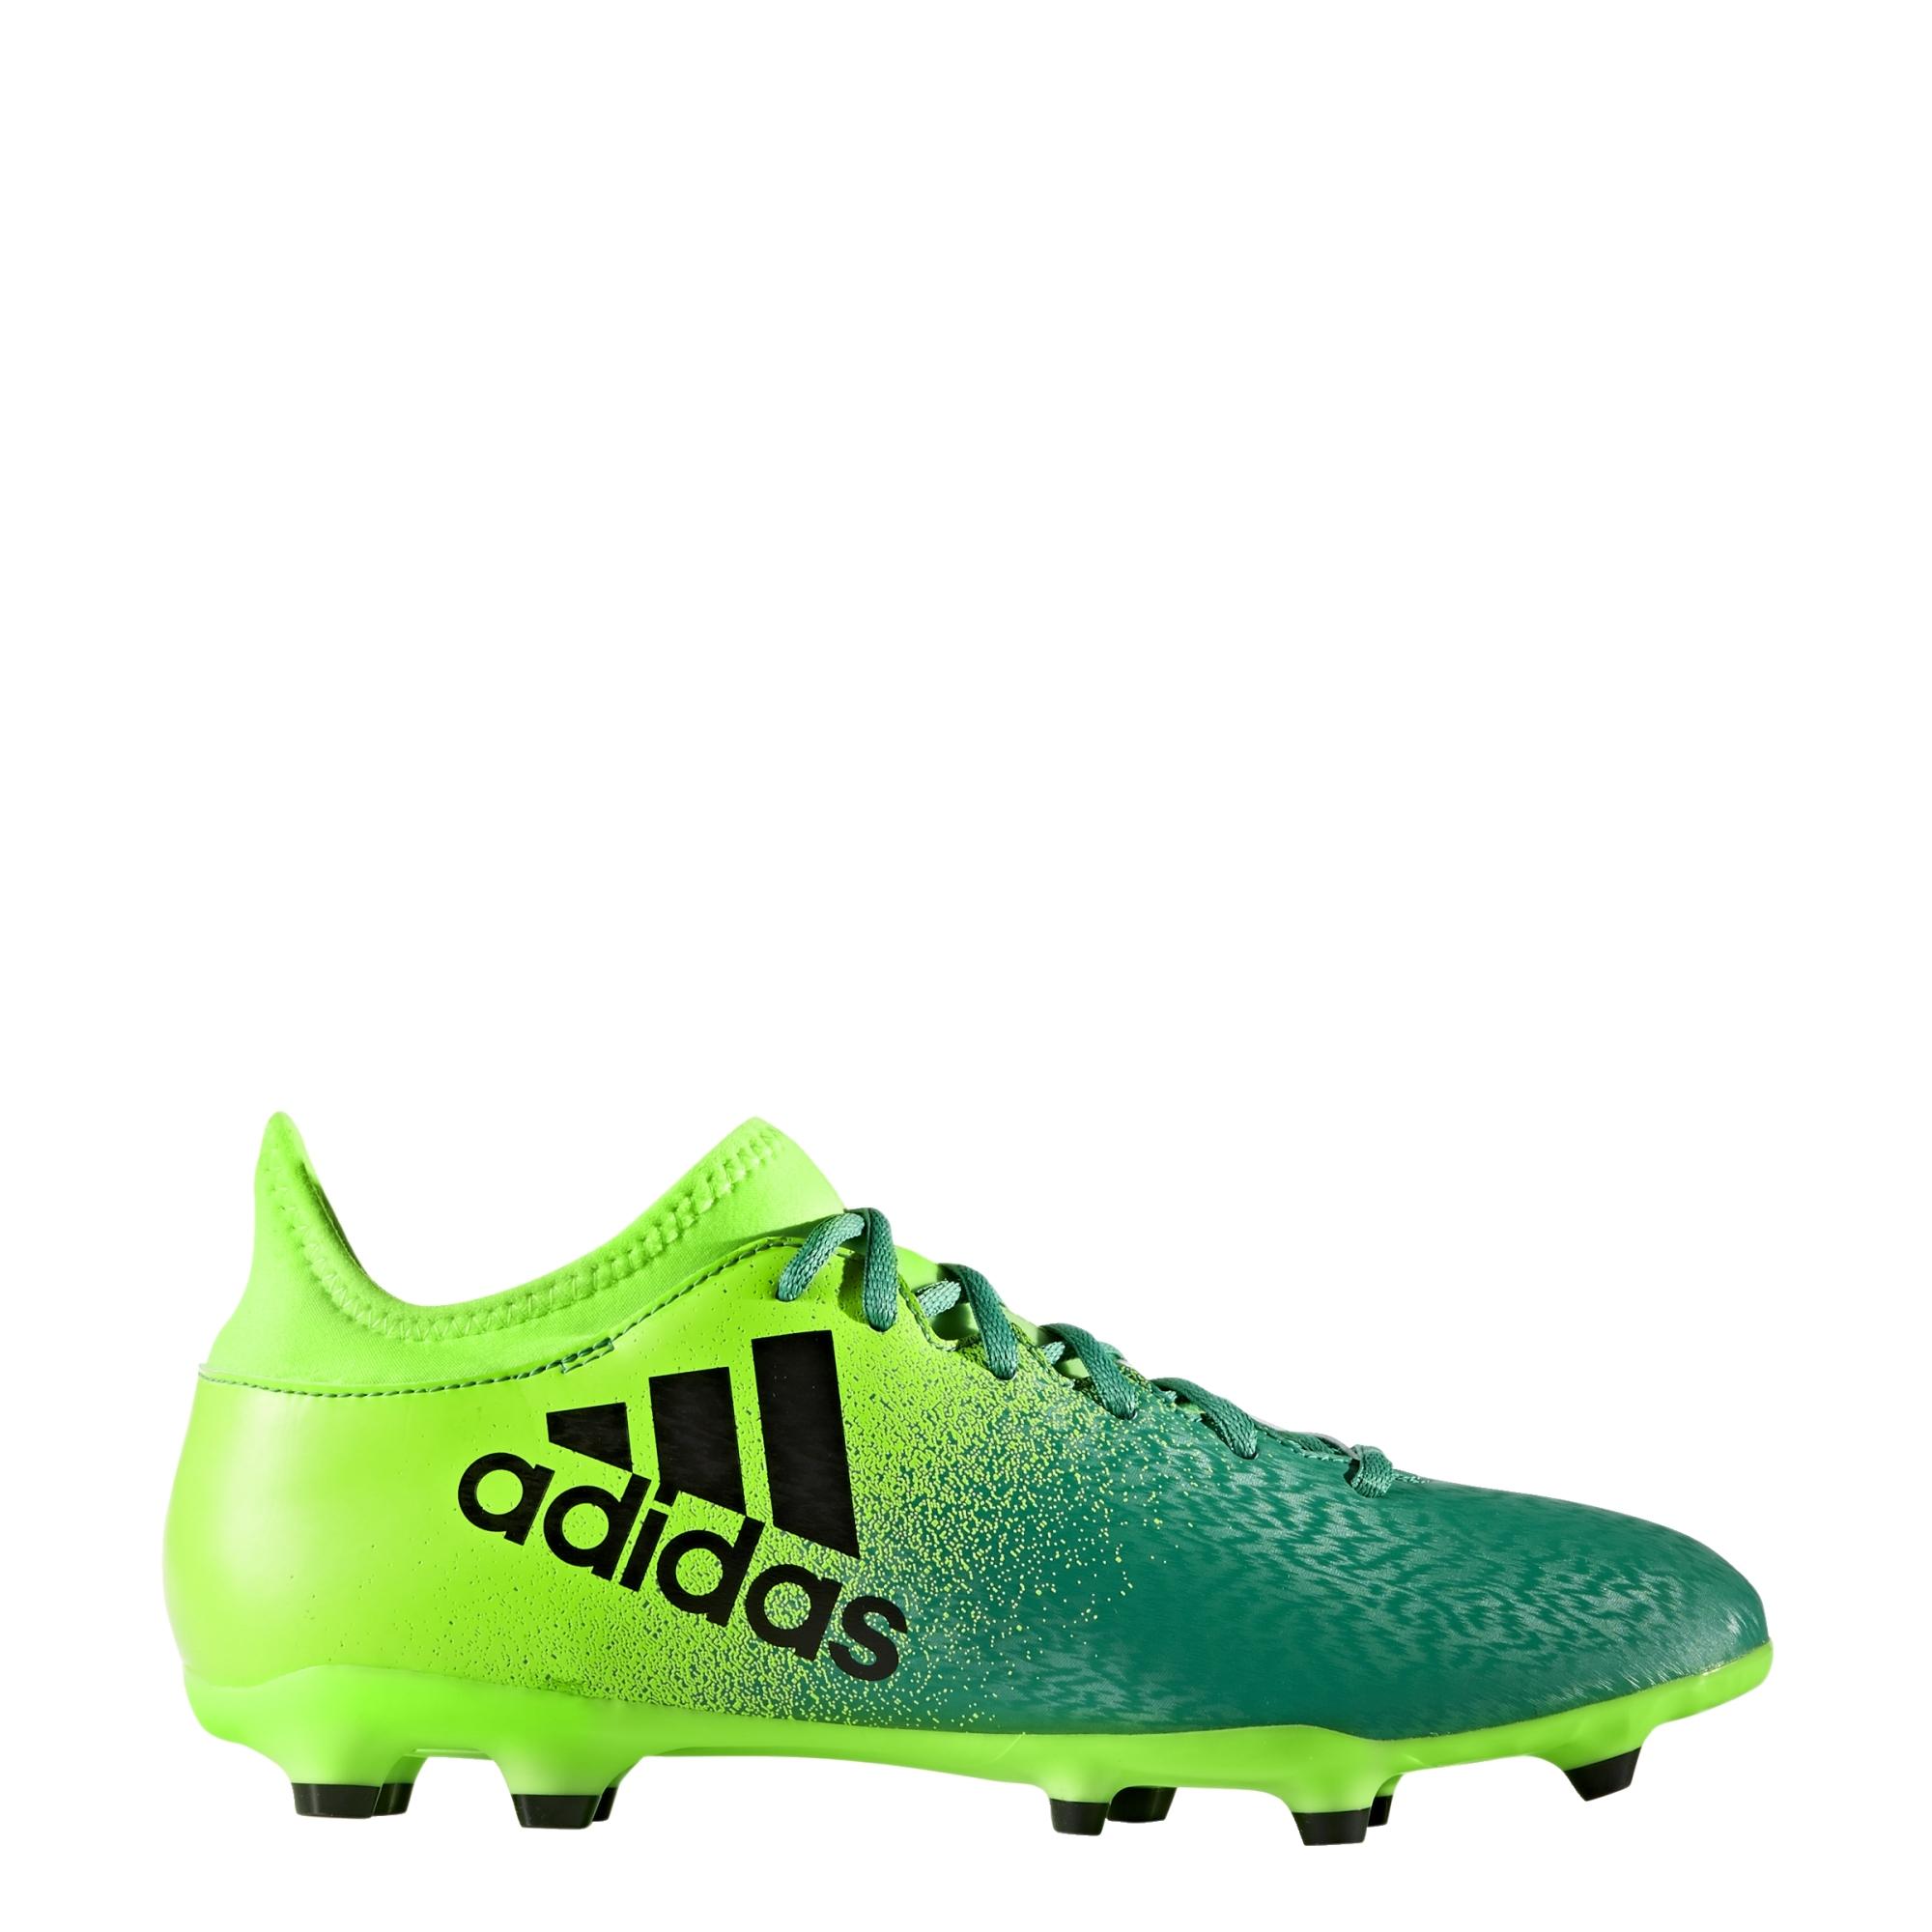 2949bf633a384 Buty adidas X 16.3 FG BB5855 roz. 46 SALE! - 6774292985 - oficjalne ...